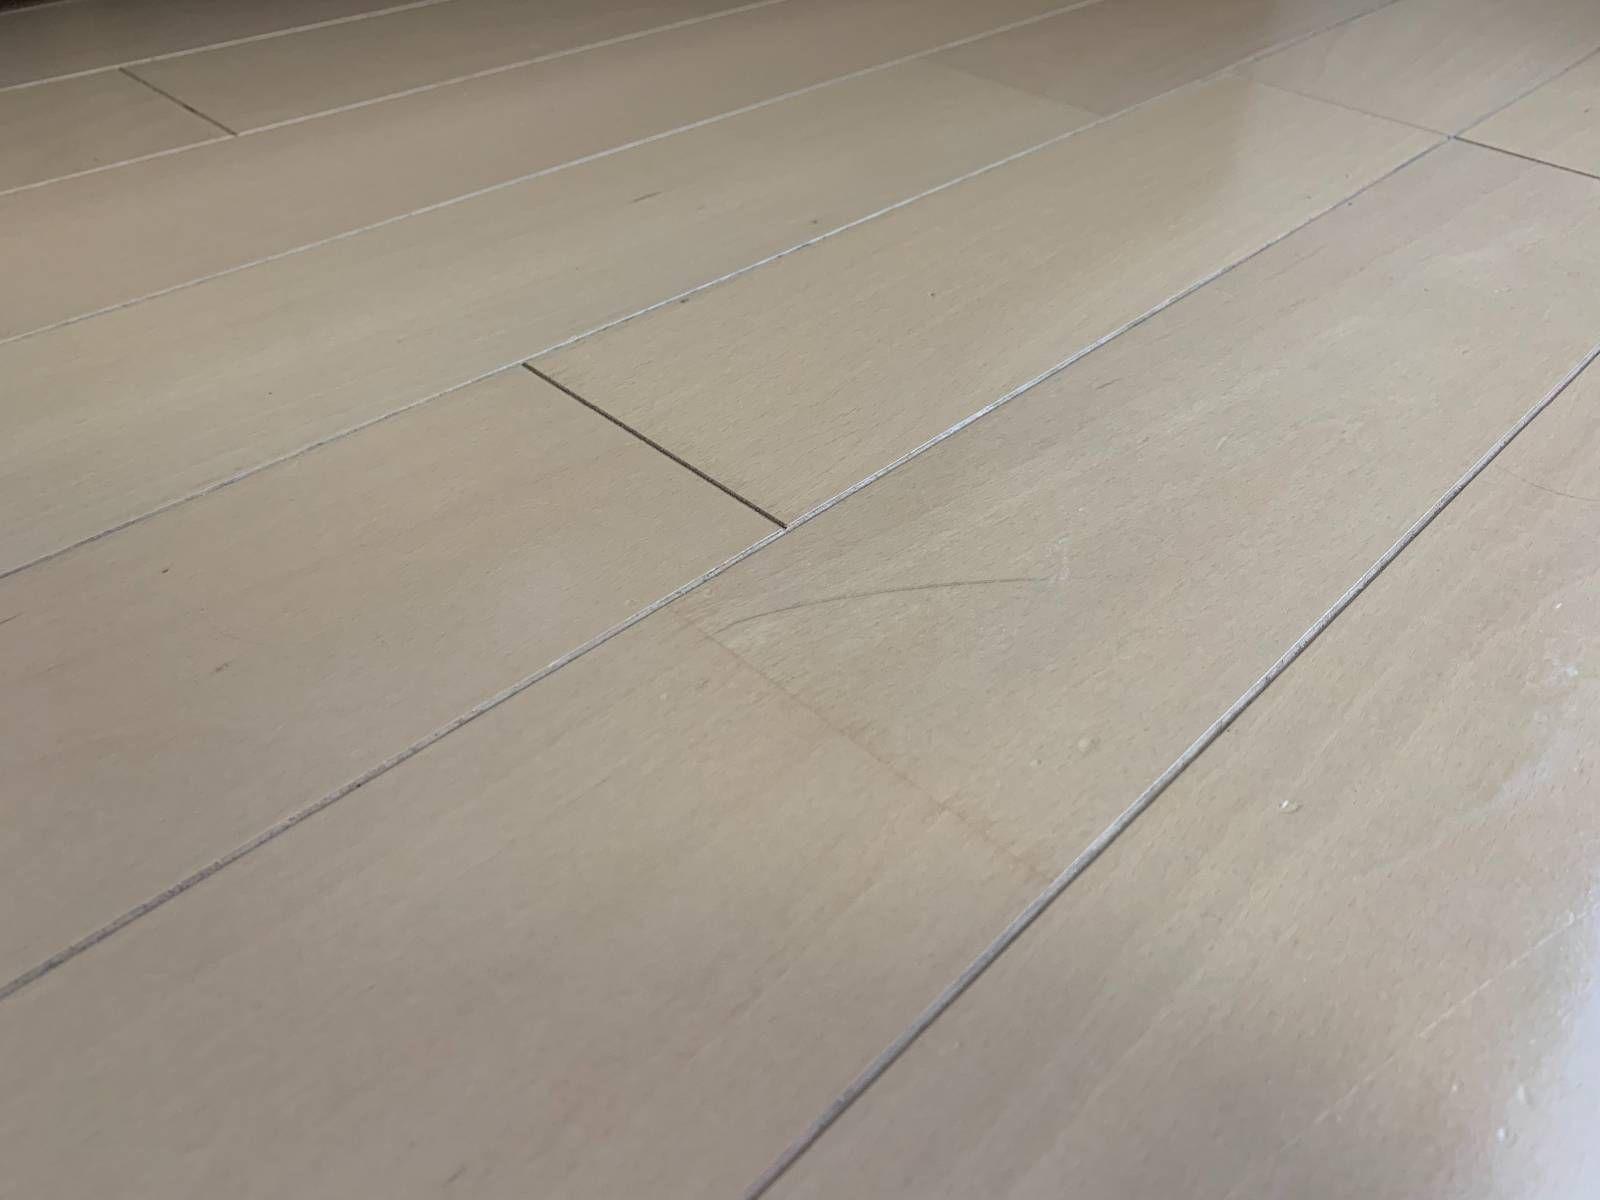 オキシクリーンで壁紙を掃除 フローリングもソファも リビングを丸ごときれいにする方法 壁紙 掃除 フローリング オキシクリーン